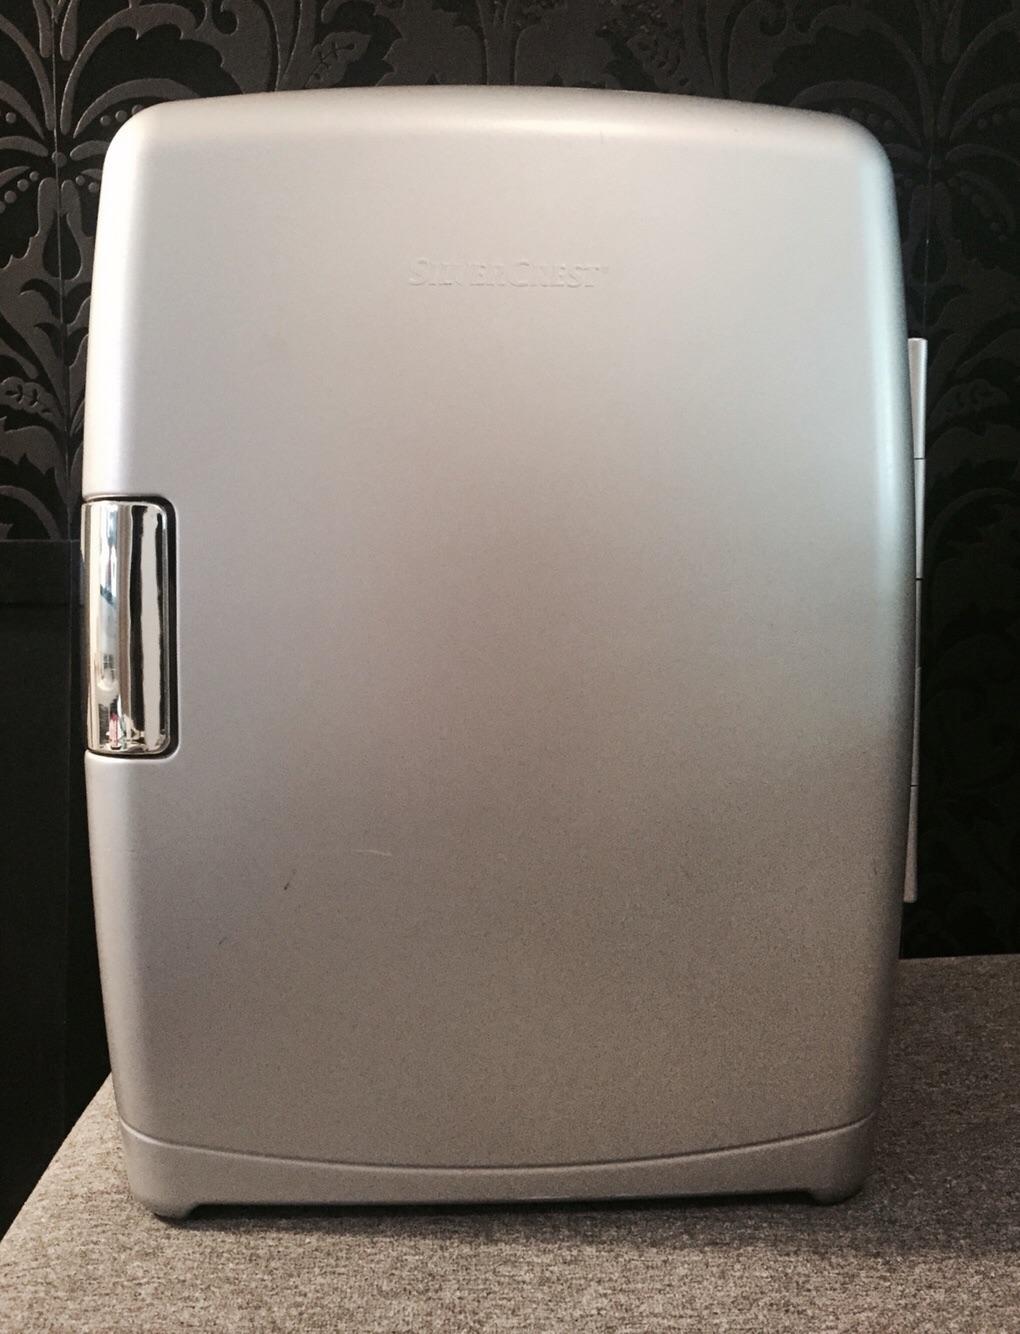 Mini Kühlschrank Von Ok : Gebraucht minikühlschrank mini kühlschrank silvercrest in